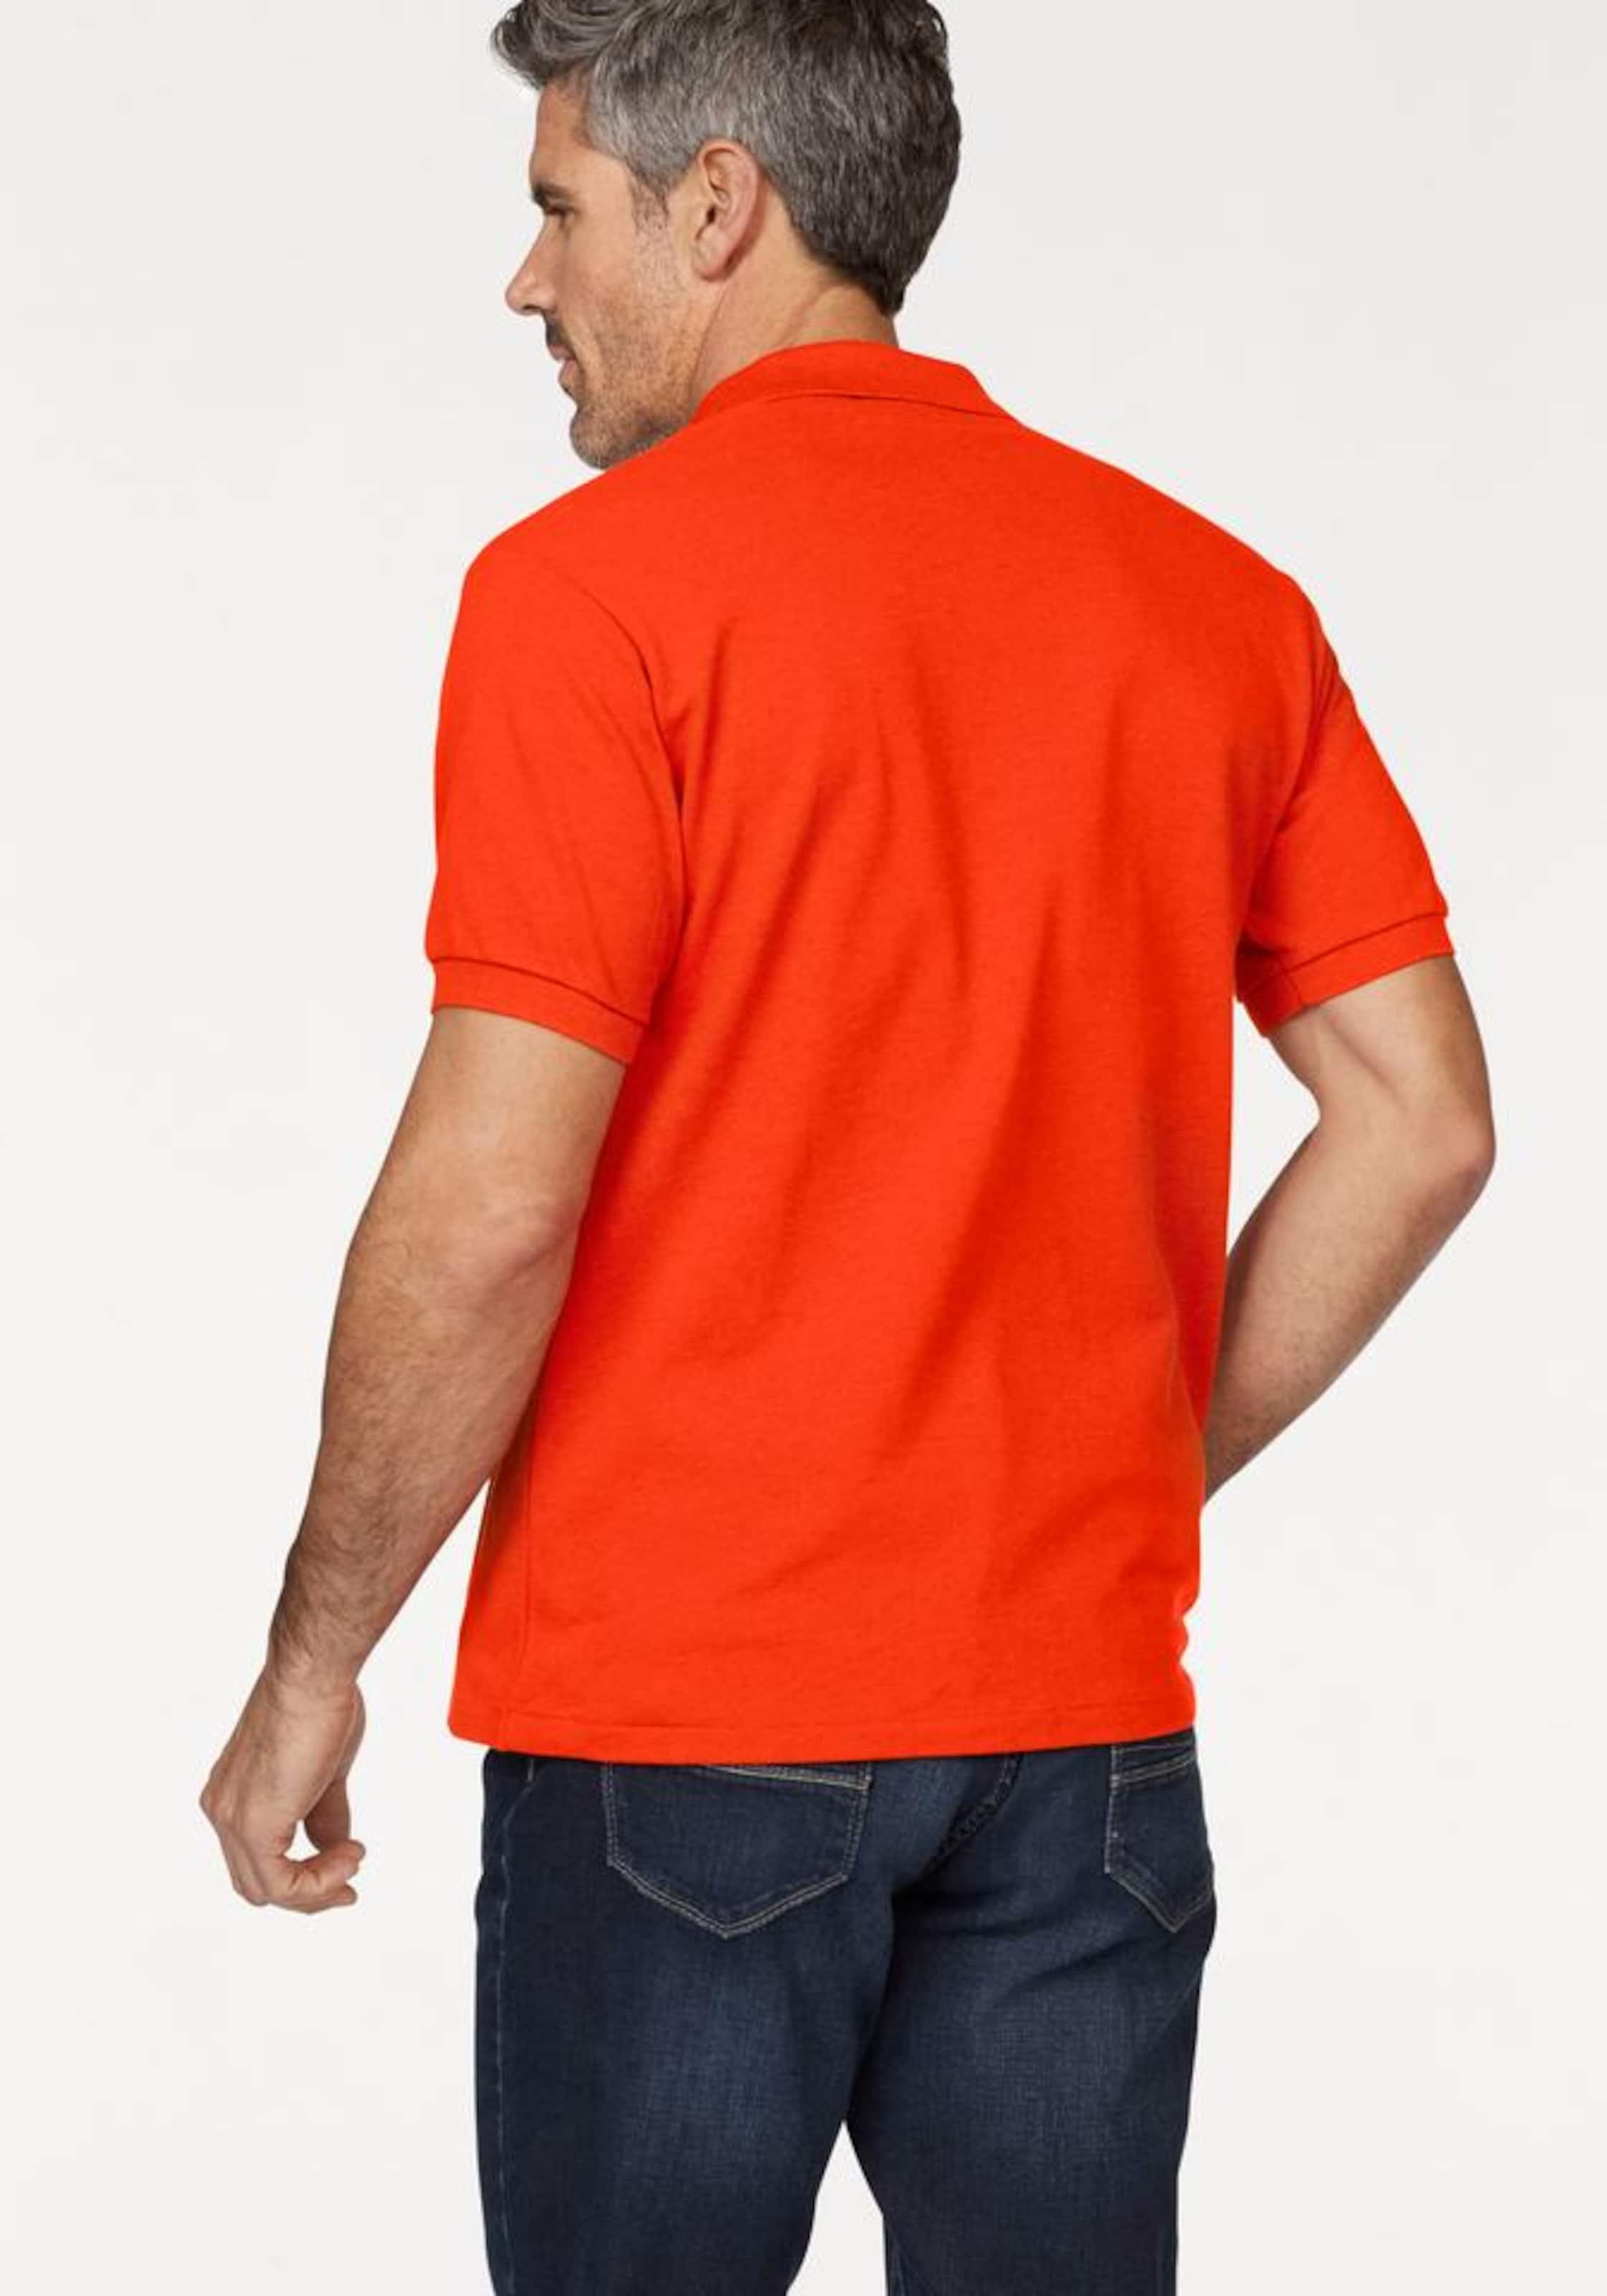 LACOSTE Poloshirt Niedrig Versandkosten Günstig Online Spielraum Erhalten Zu Kaufen Ebay Verkauf Online Günstig Kaufen Sast Kaufen Authentische Online aREKQtjP